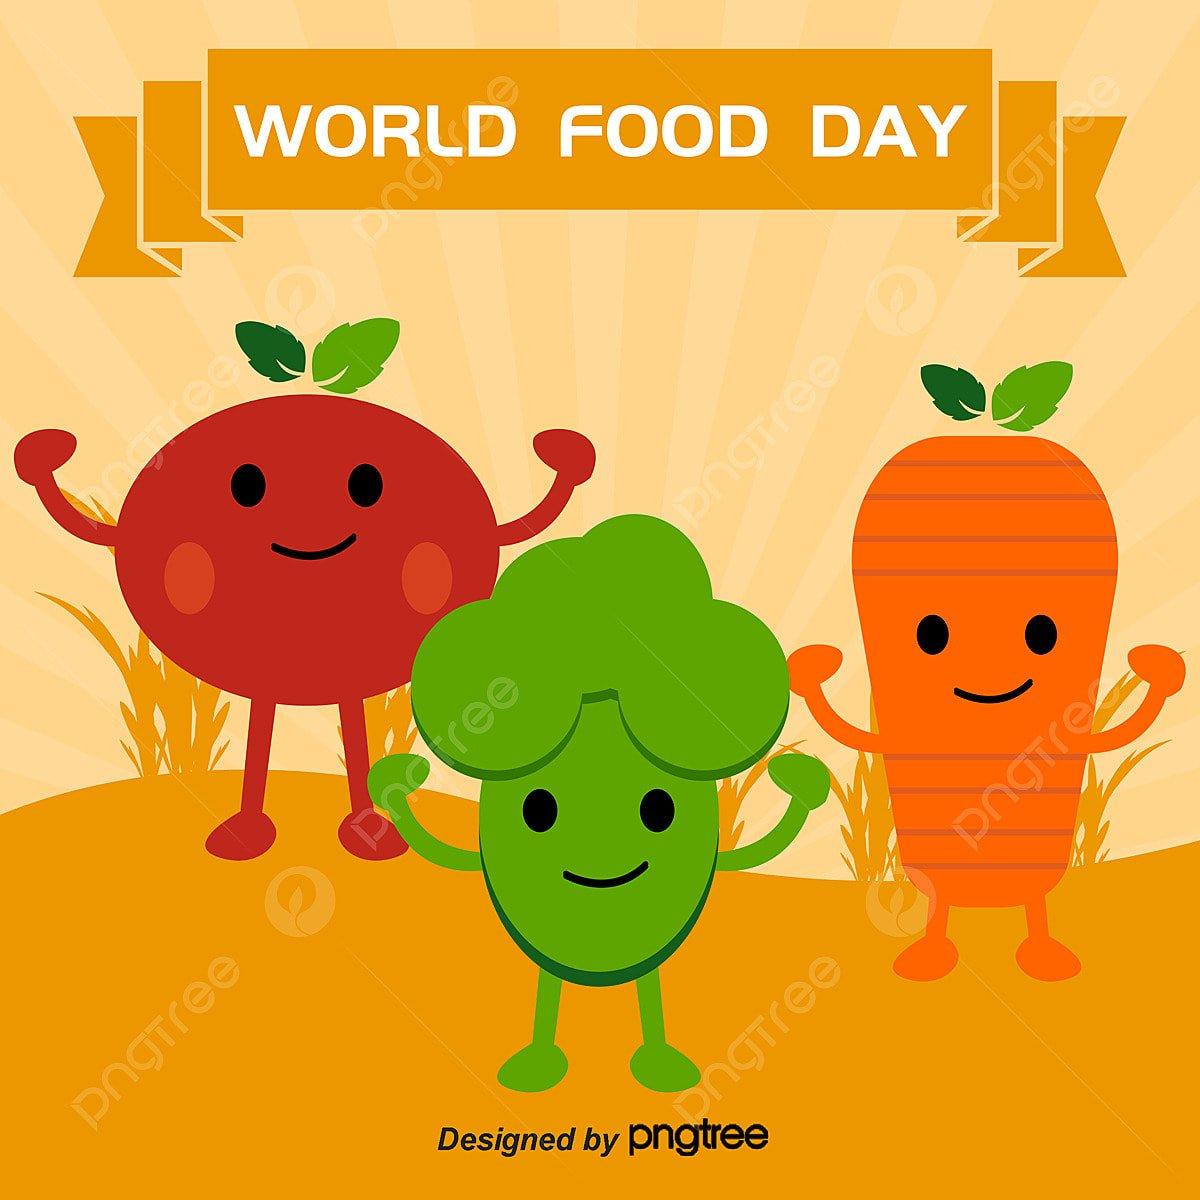 ناقلات يوم الغذاء العالمي ناقلات العالم ناقلات الغذاء طماطم Png وملف Psd للتحميل مجانا